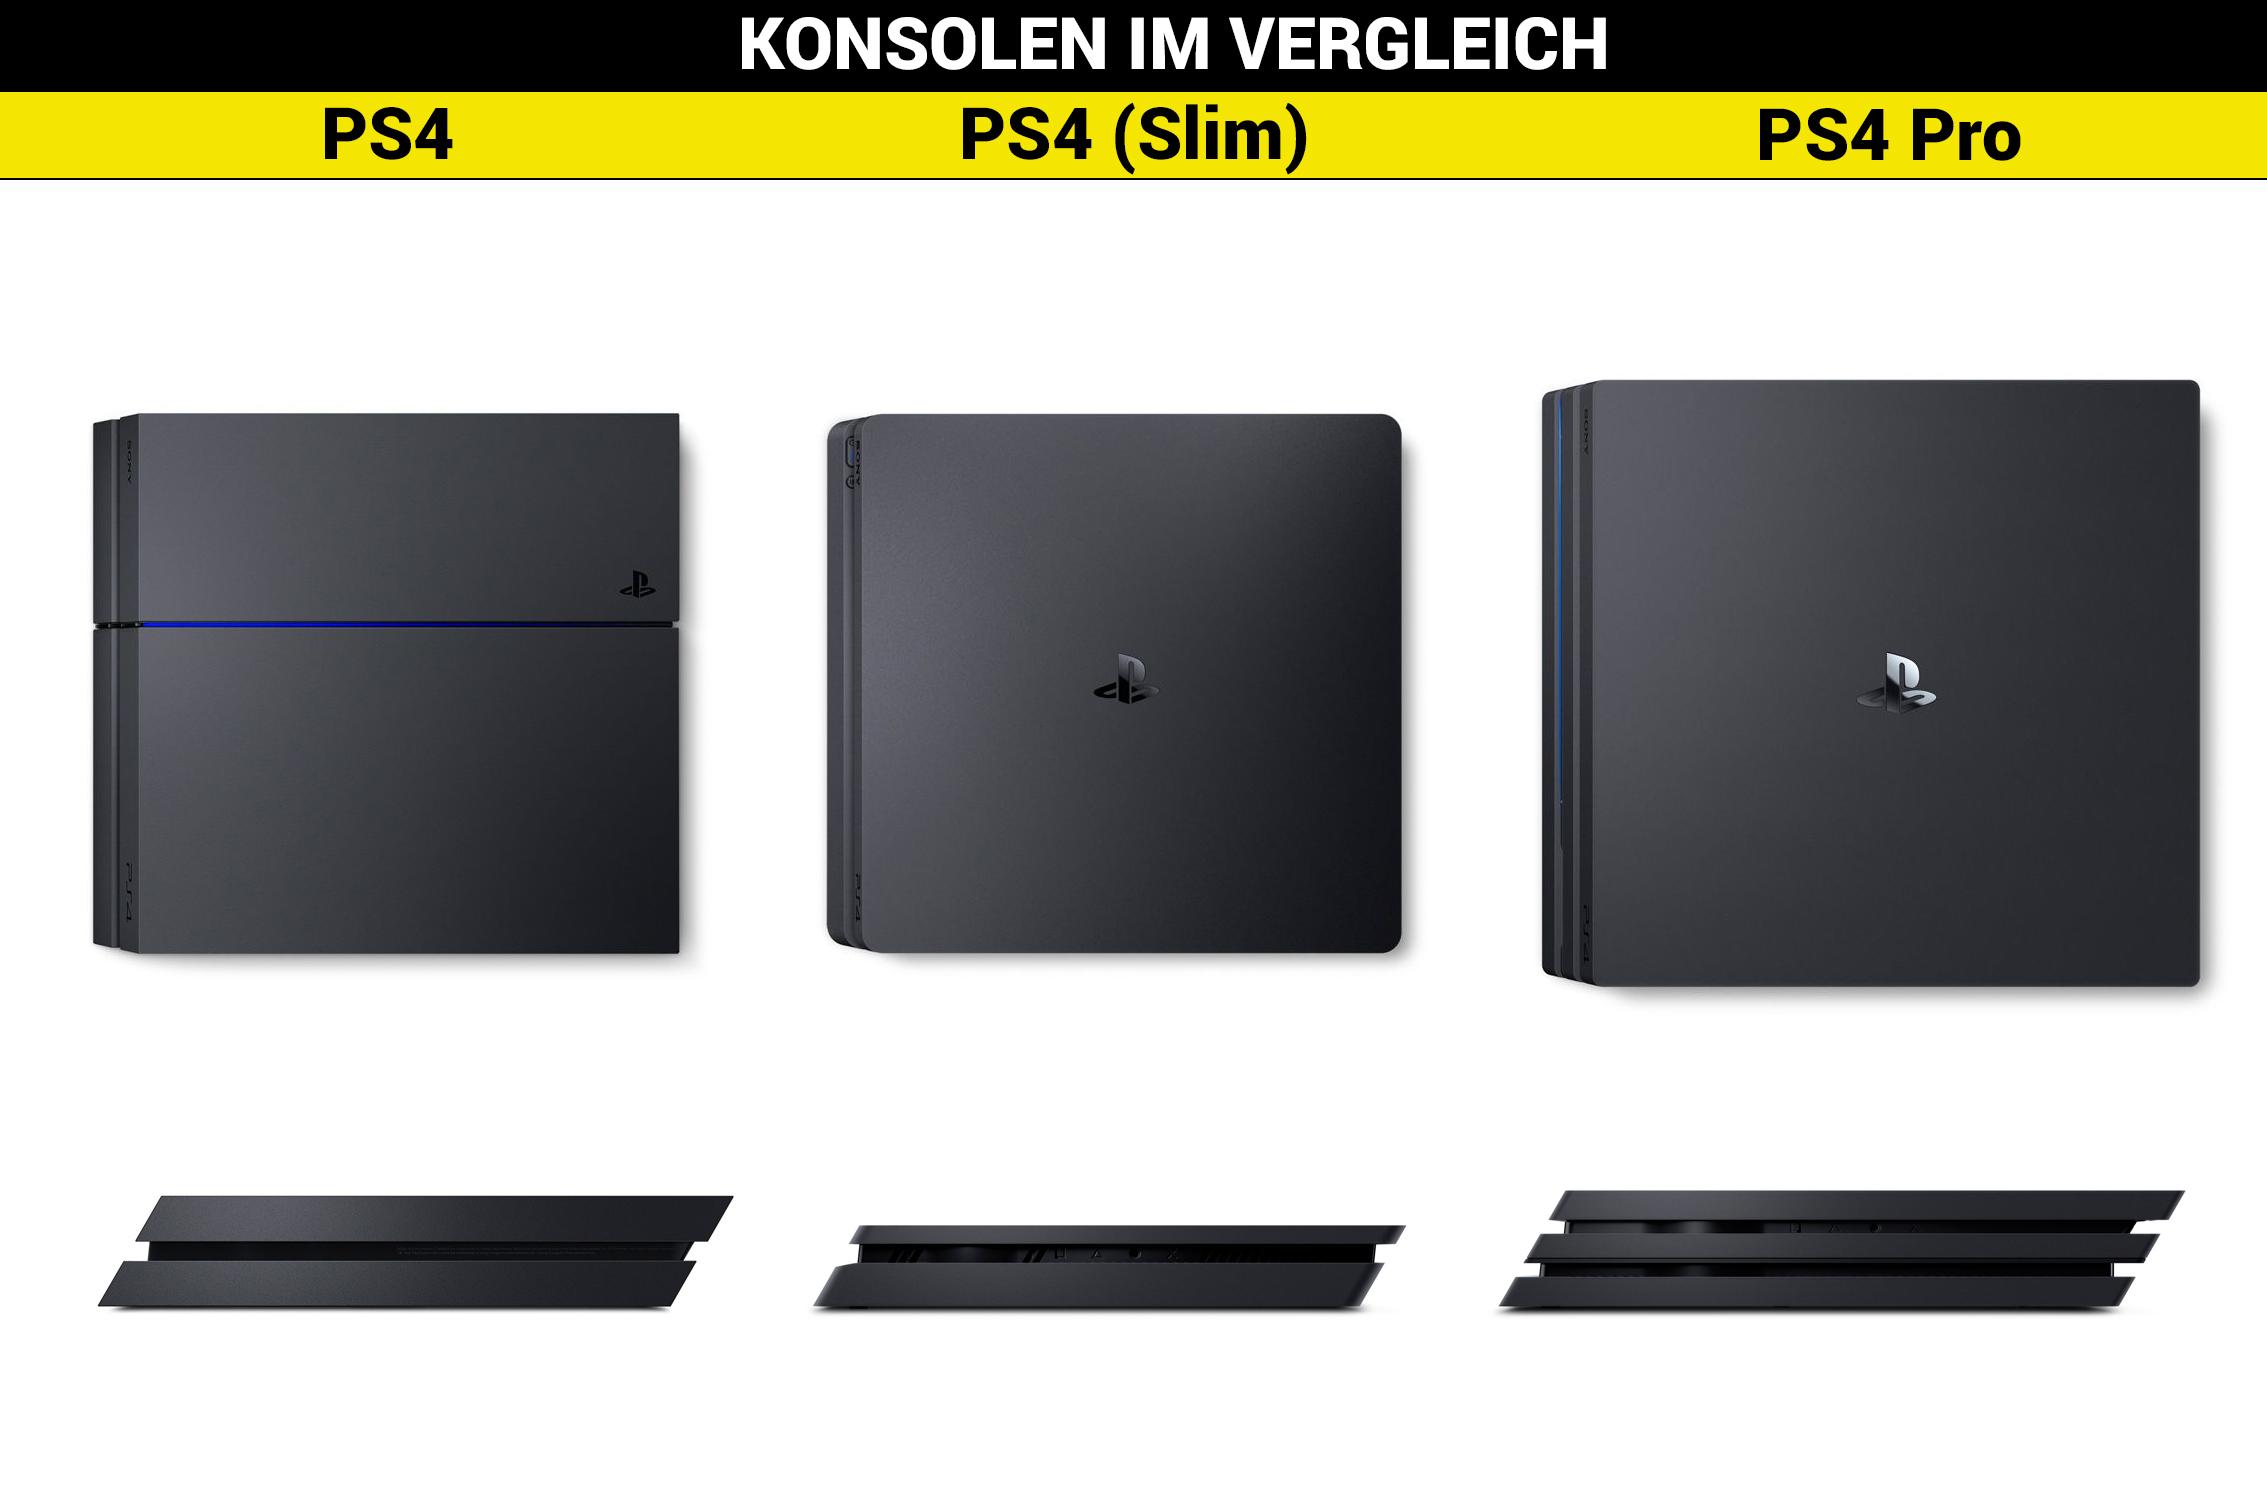 Unterschied Ps4 Slim Und Ps4 Pro